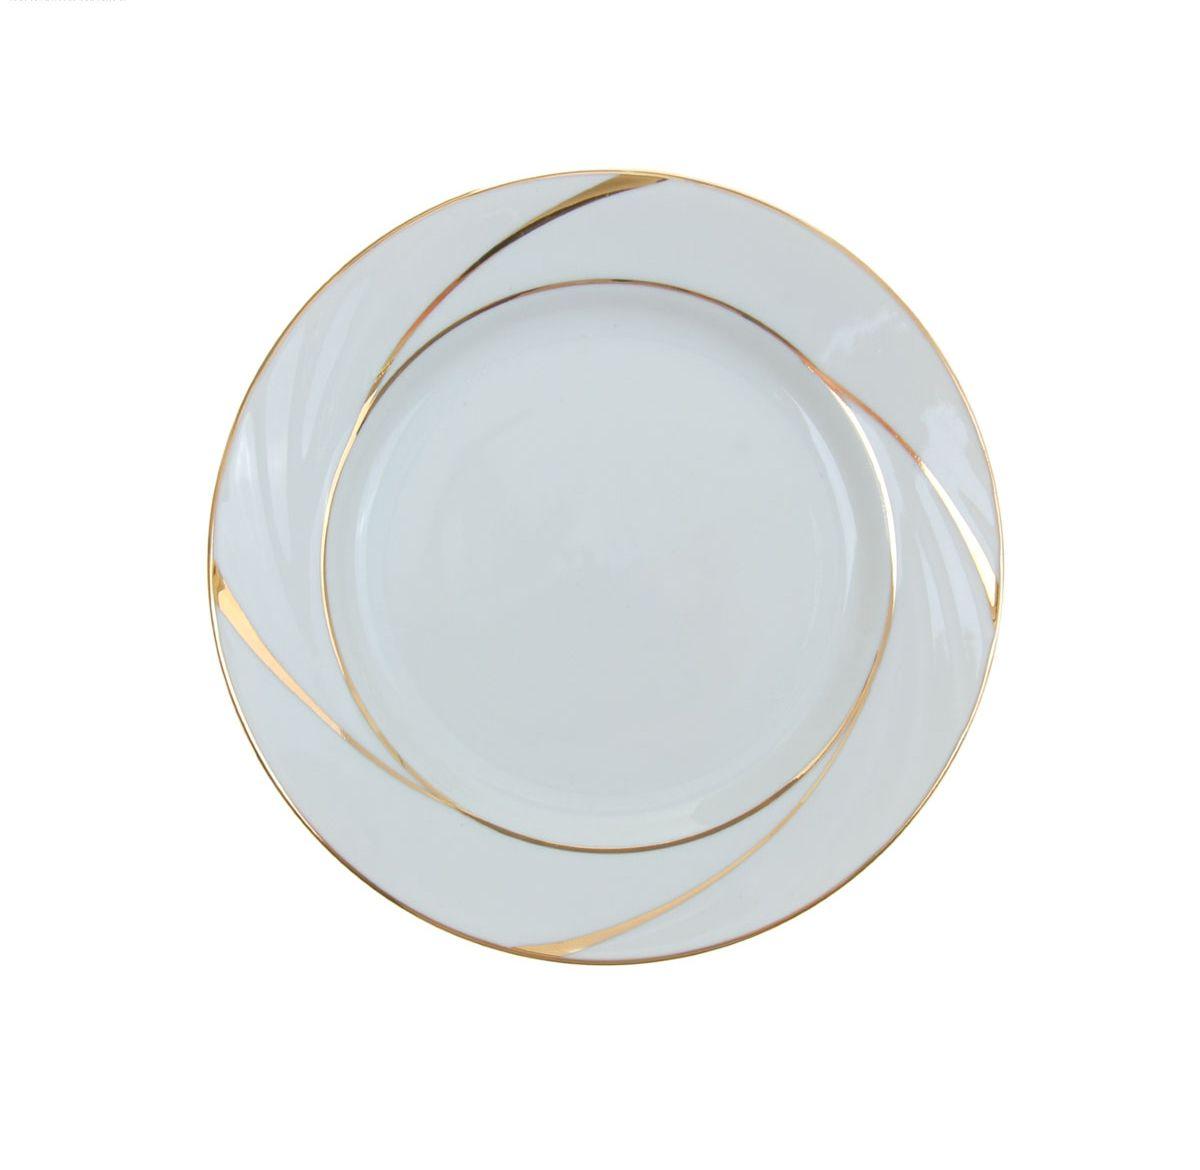 Тарелка мелкая Голубка. Бомонд, диаметр 17,5 см1035424